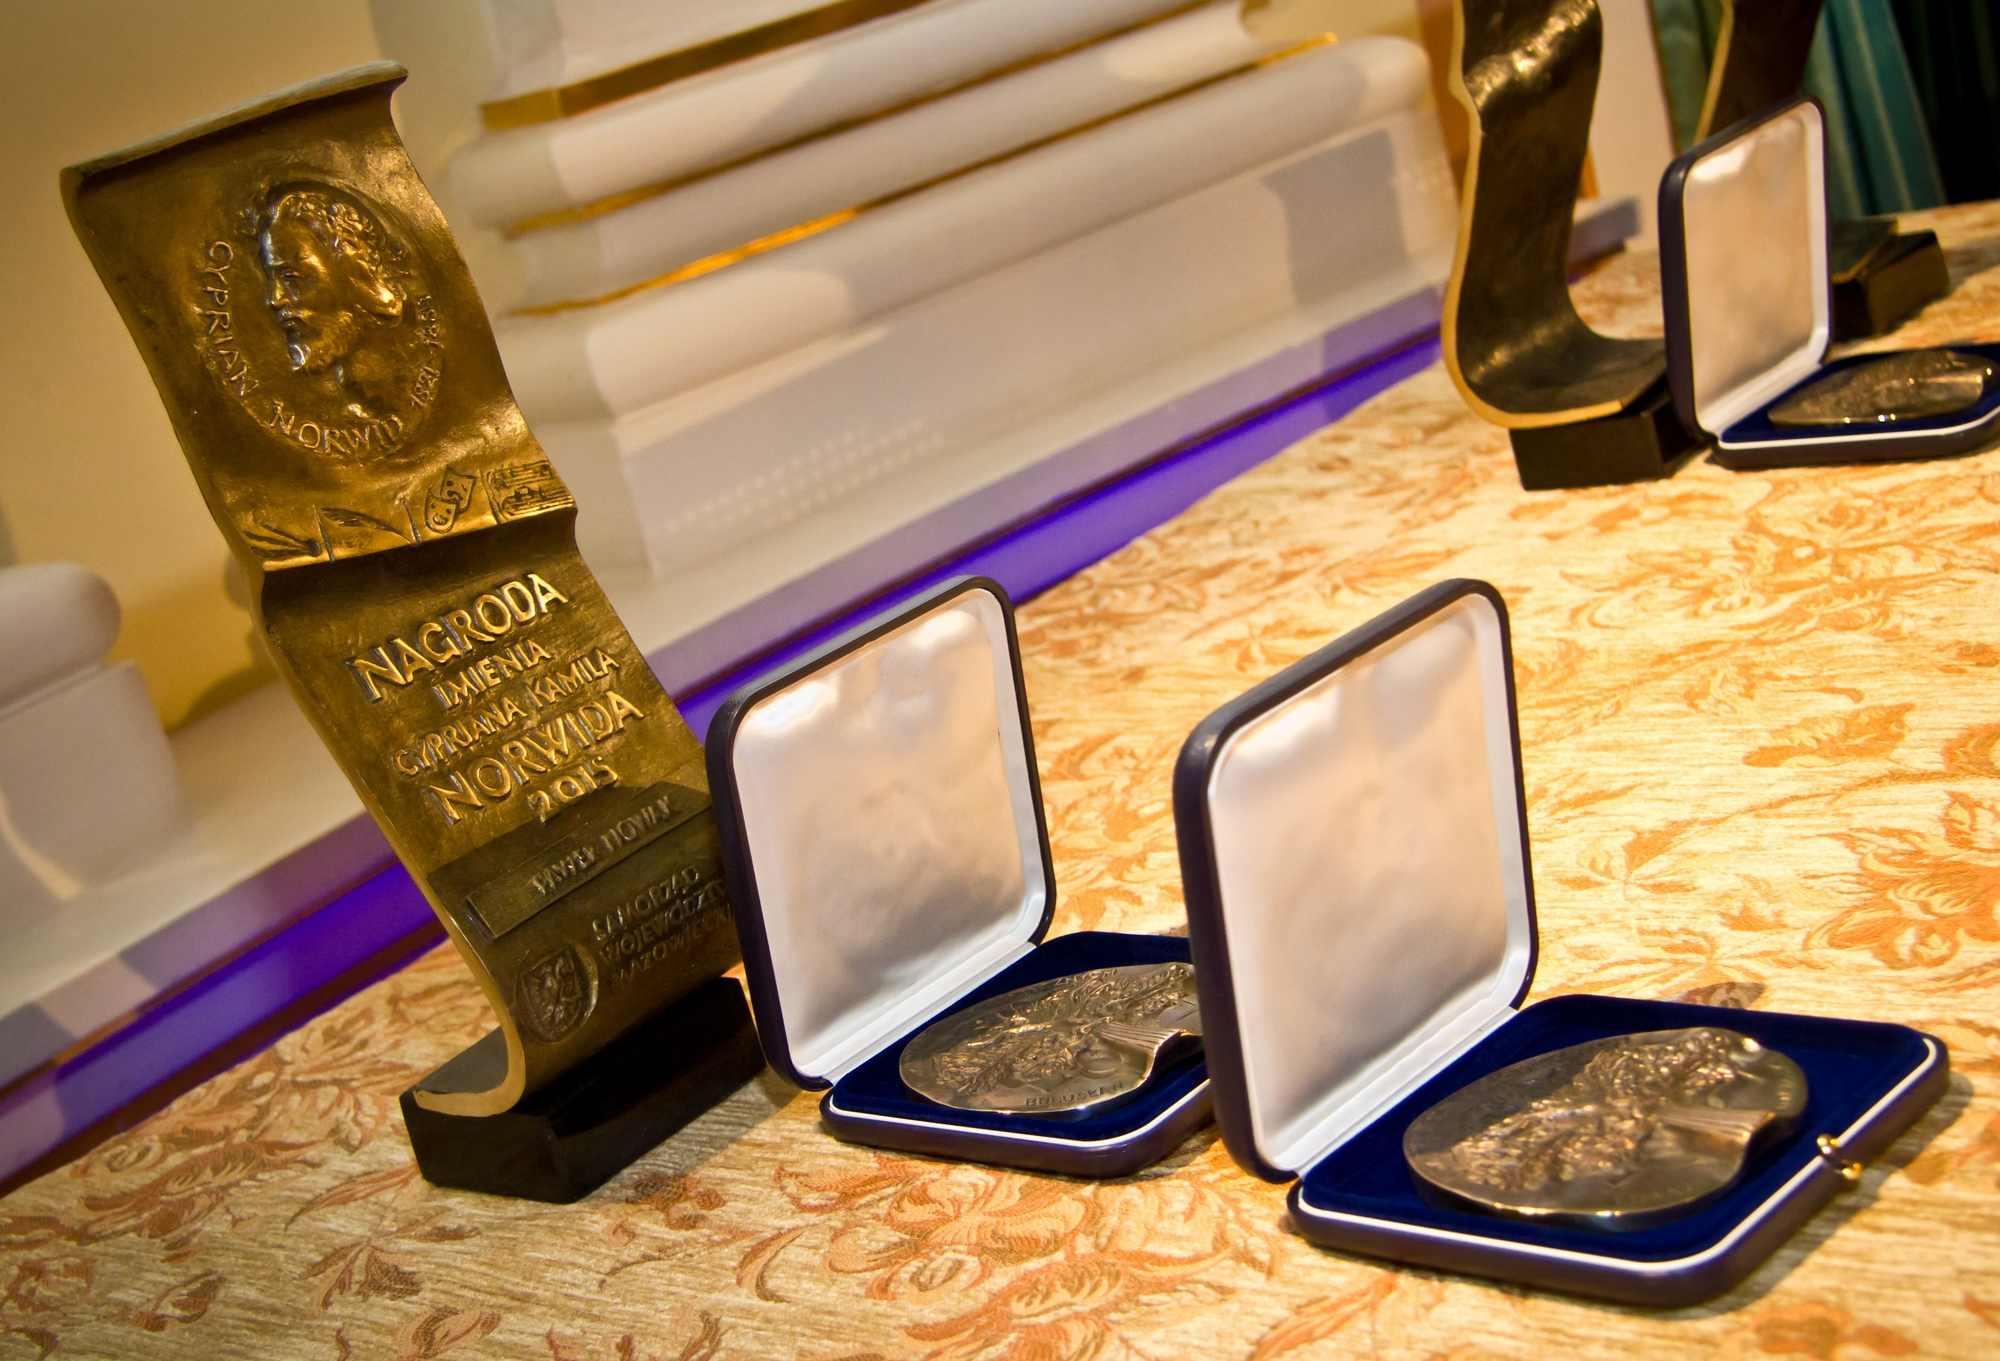 Nagrody im. Cypriana Kamila Norwida (źródło: materiały prasowe organizatora)